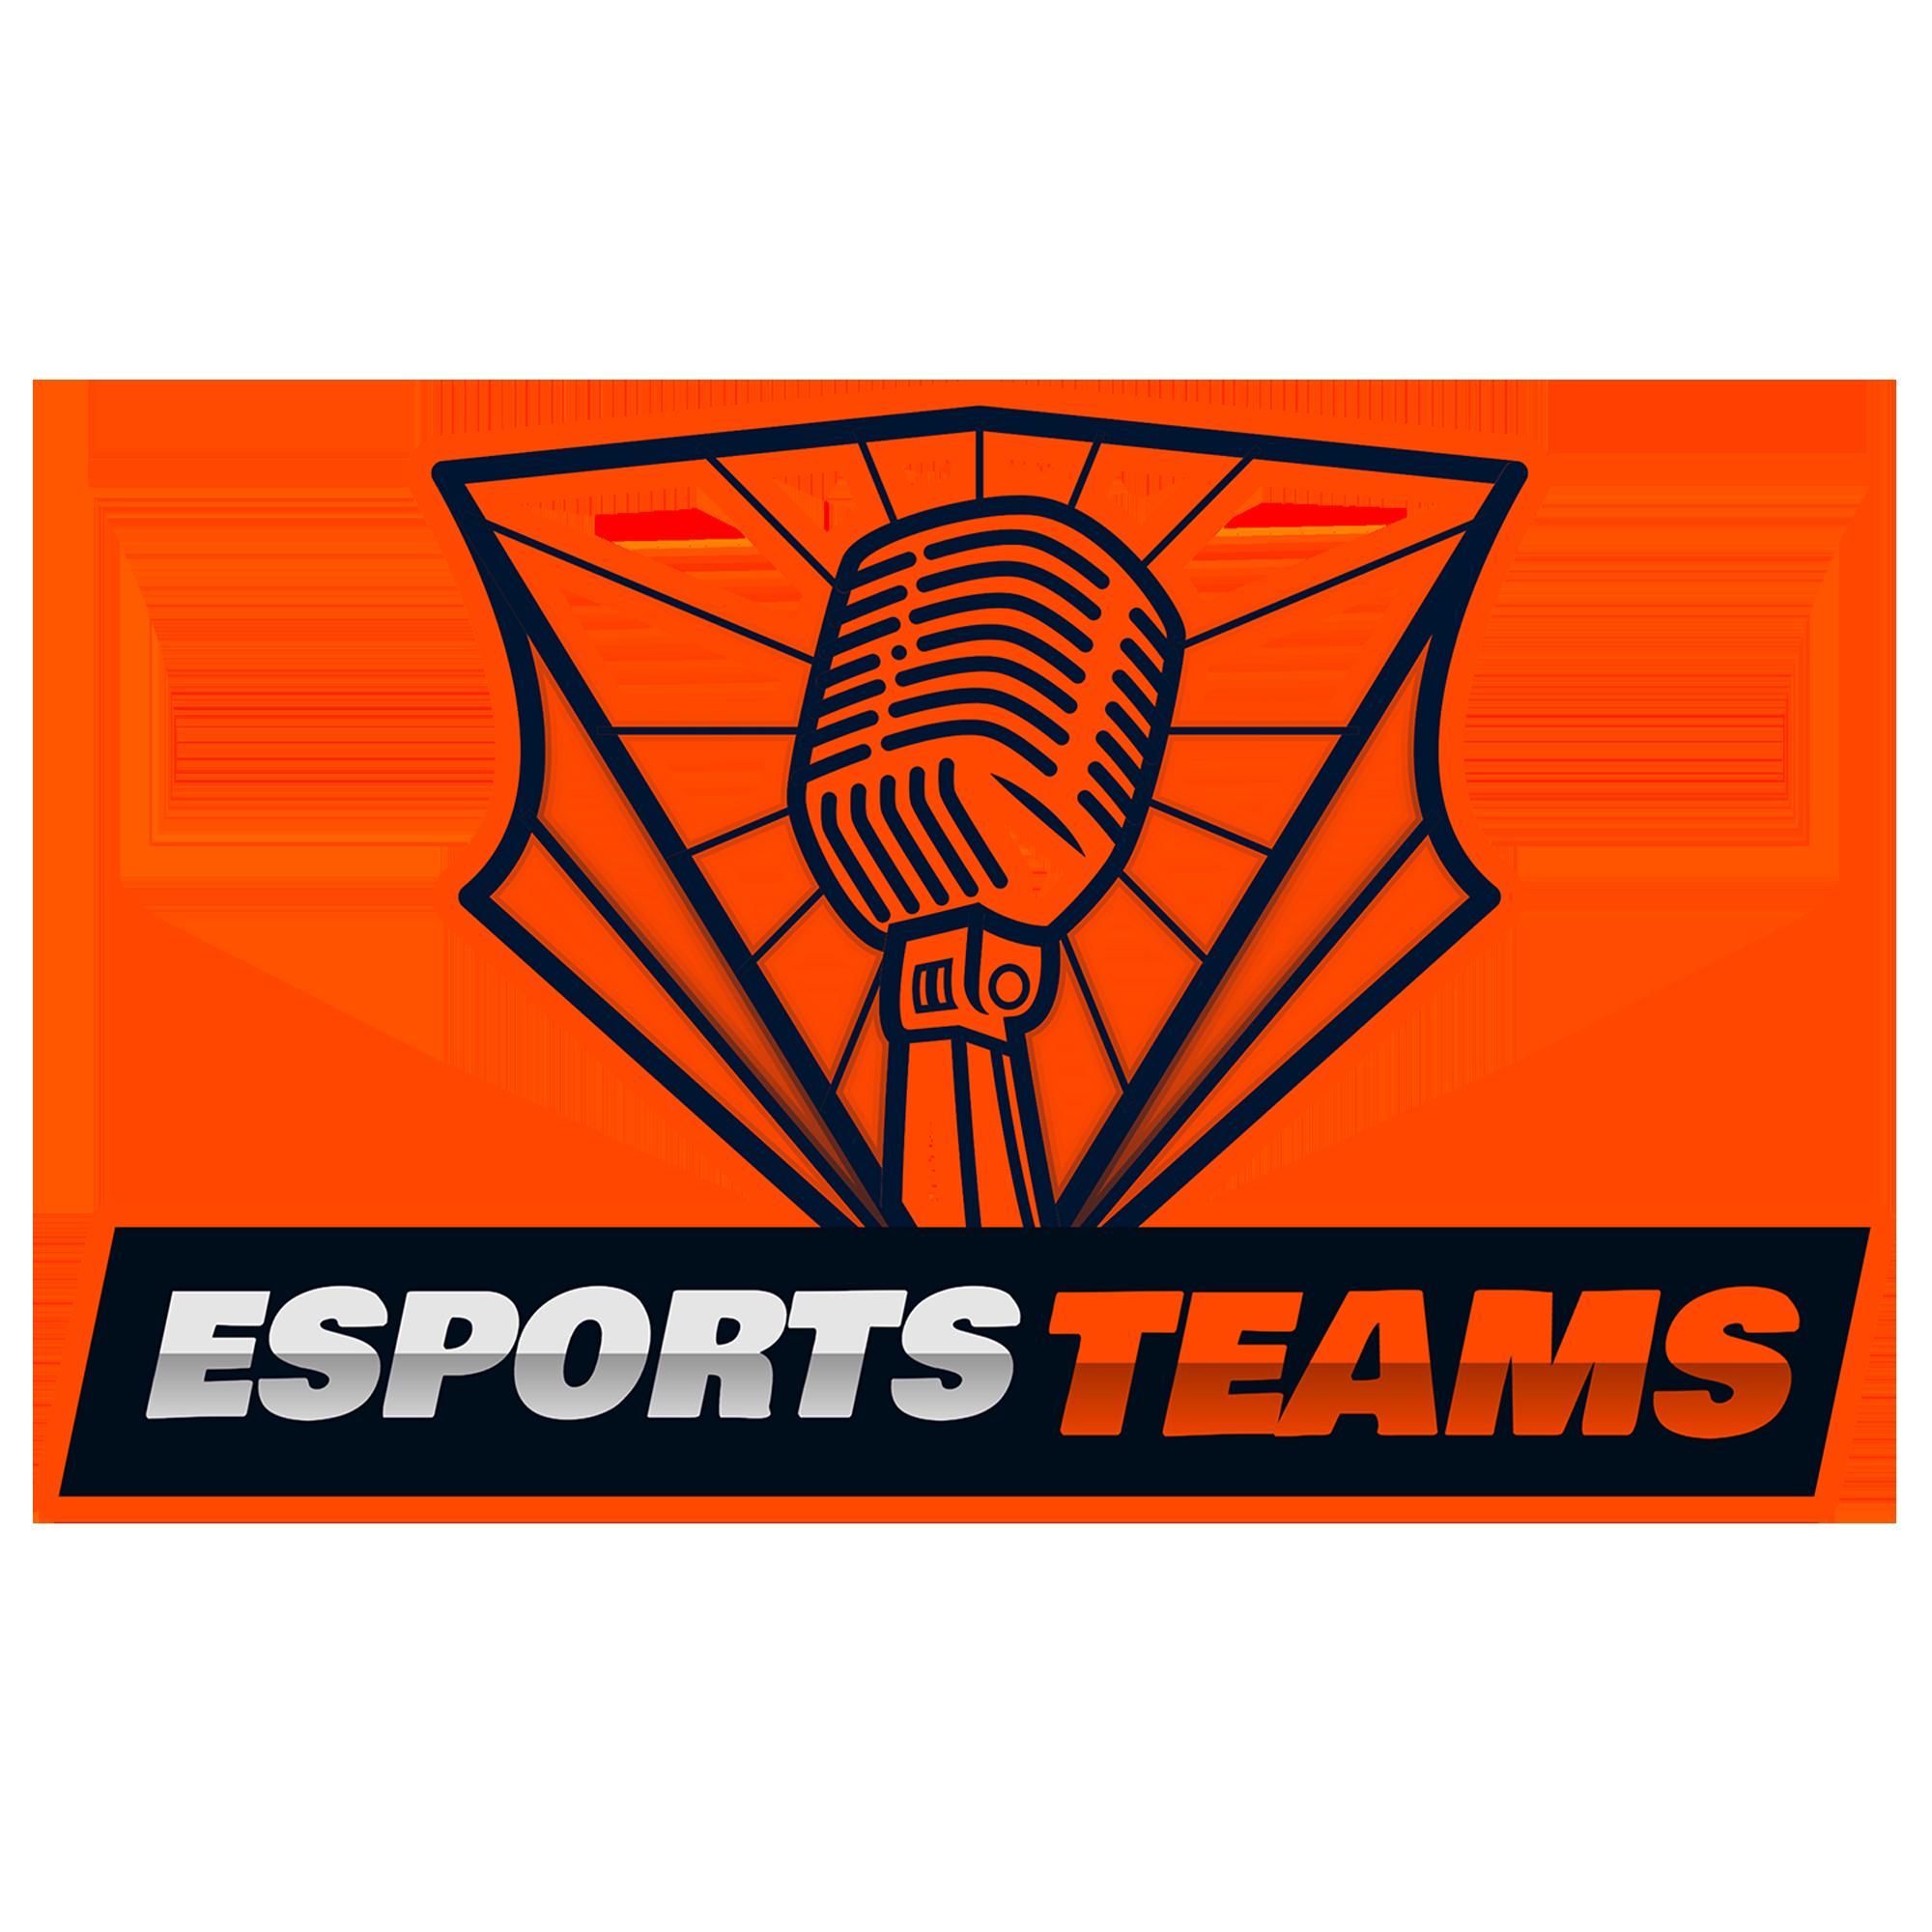 eSports Teams